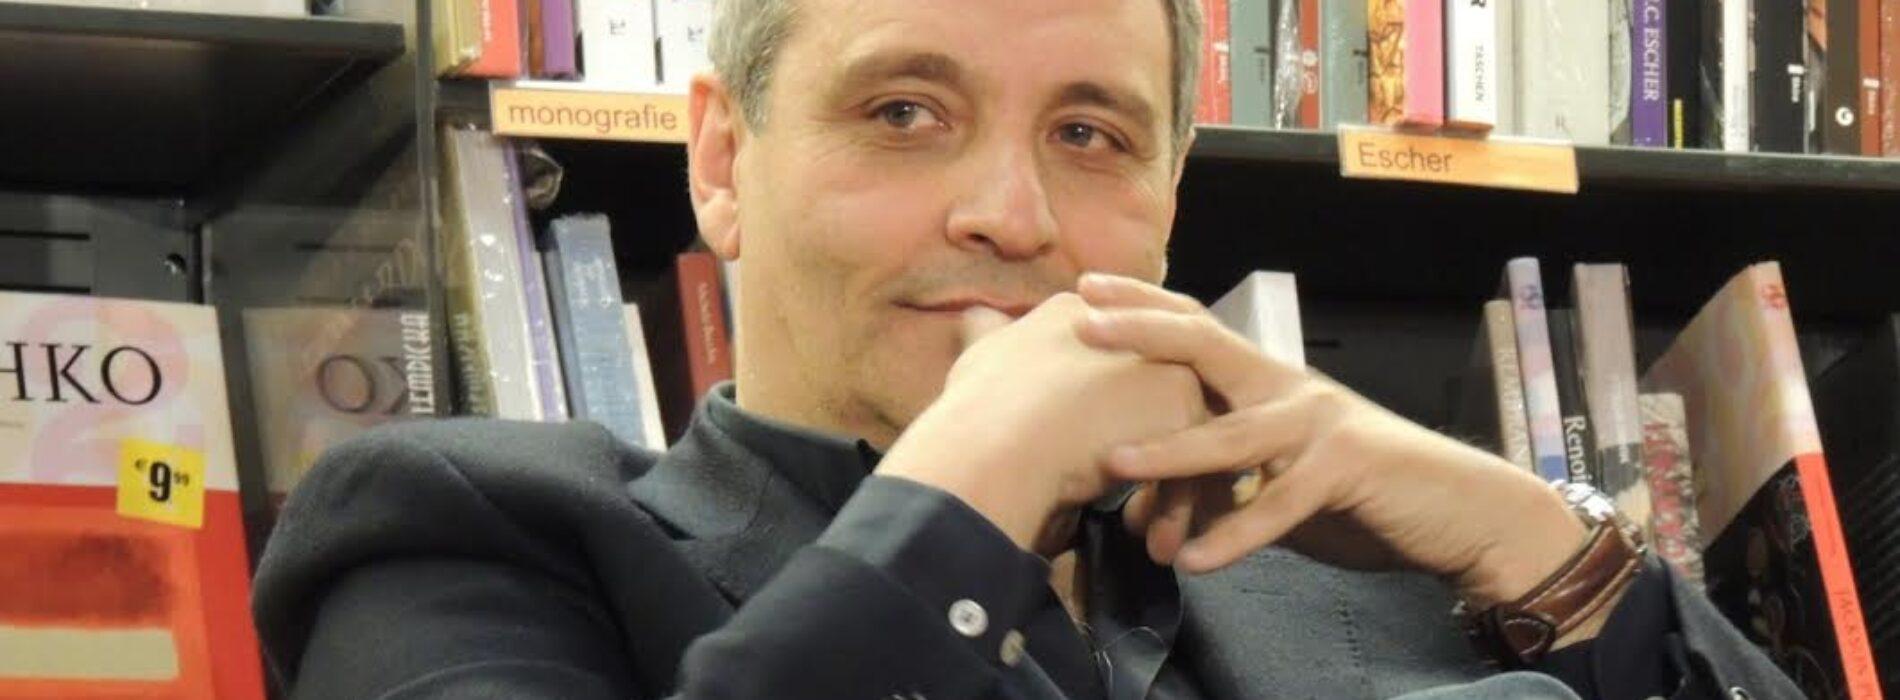 Maurizio de Giovanni, la cultura corre sul web al liceo Manzoni